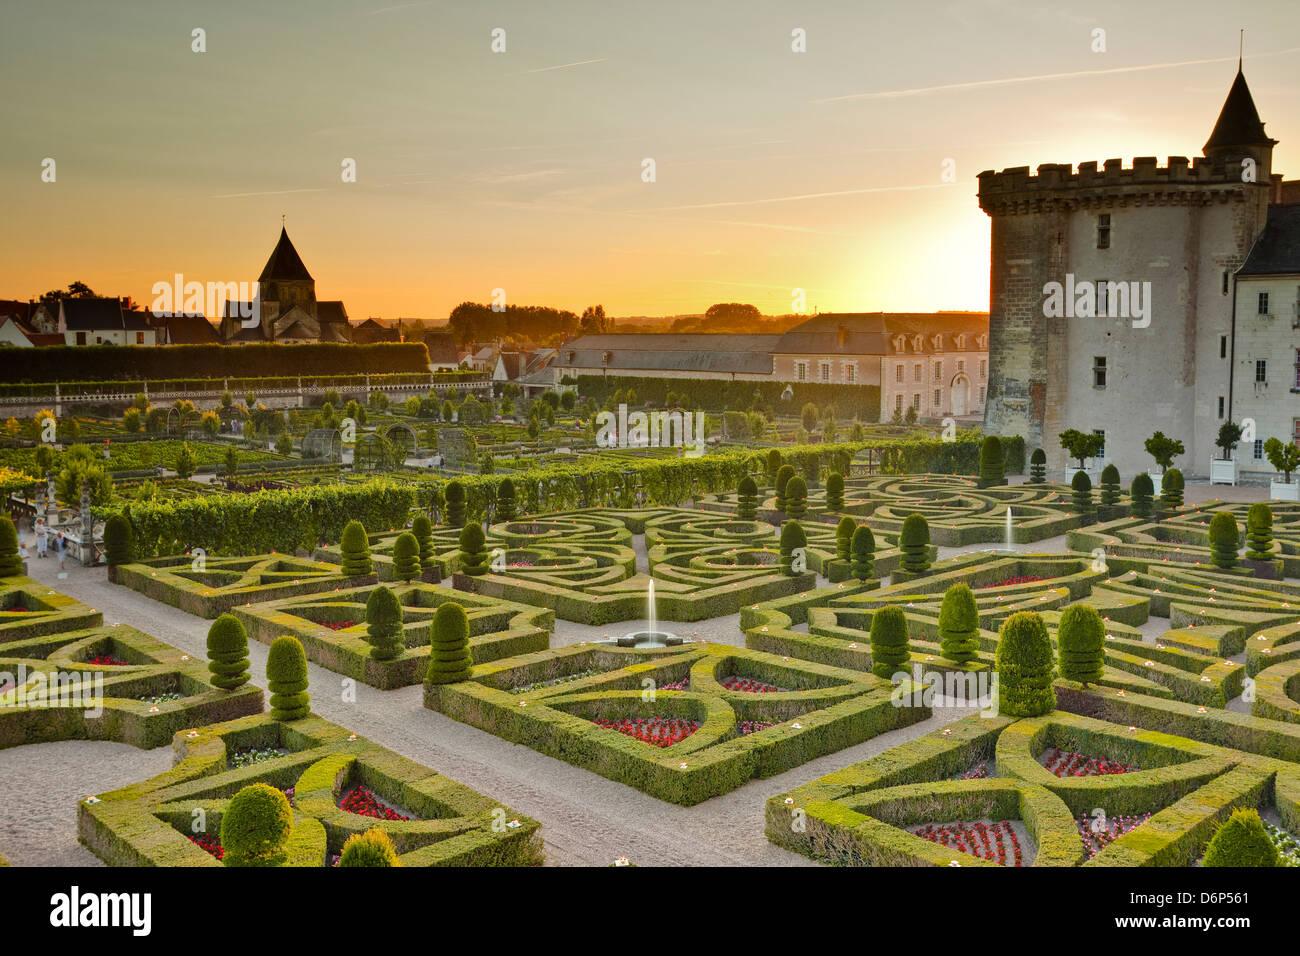 El château de Villandry y sus jardines al atardecer, Sitio del Patrimonio Mundial de la UNESCO, Indre-et-Loire, Foto de stock